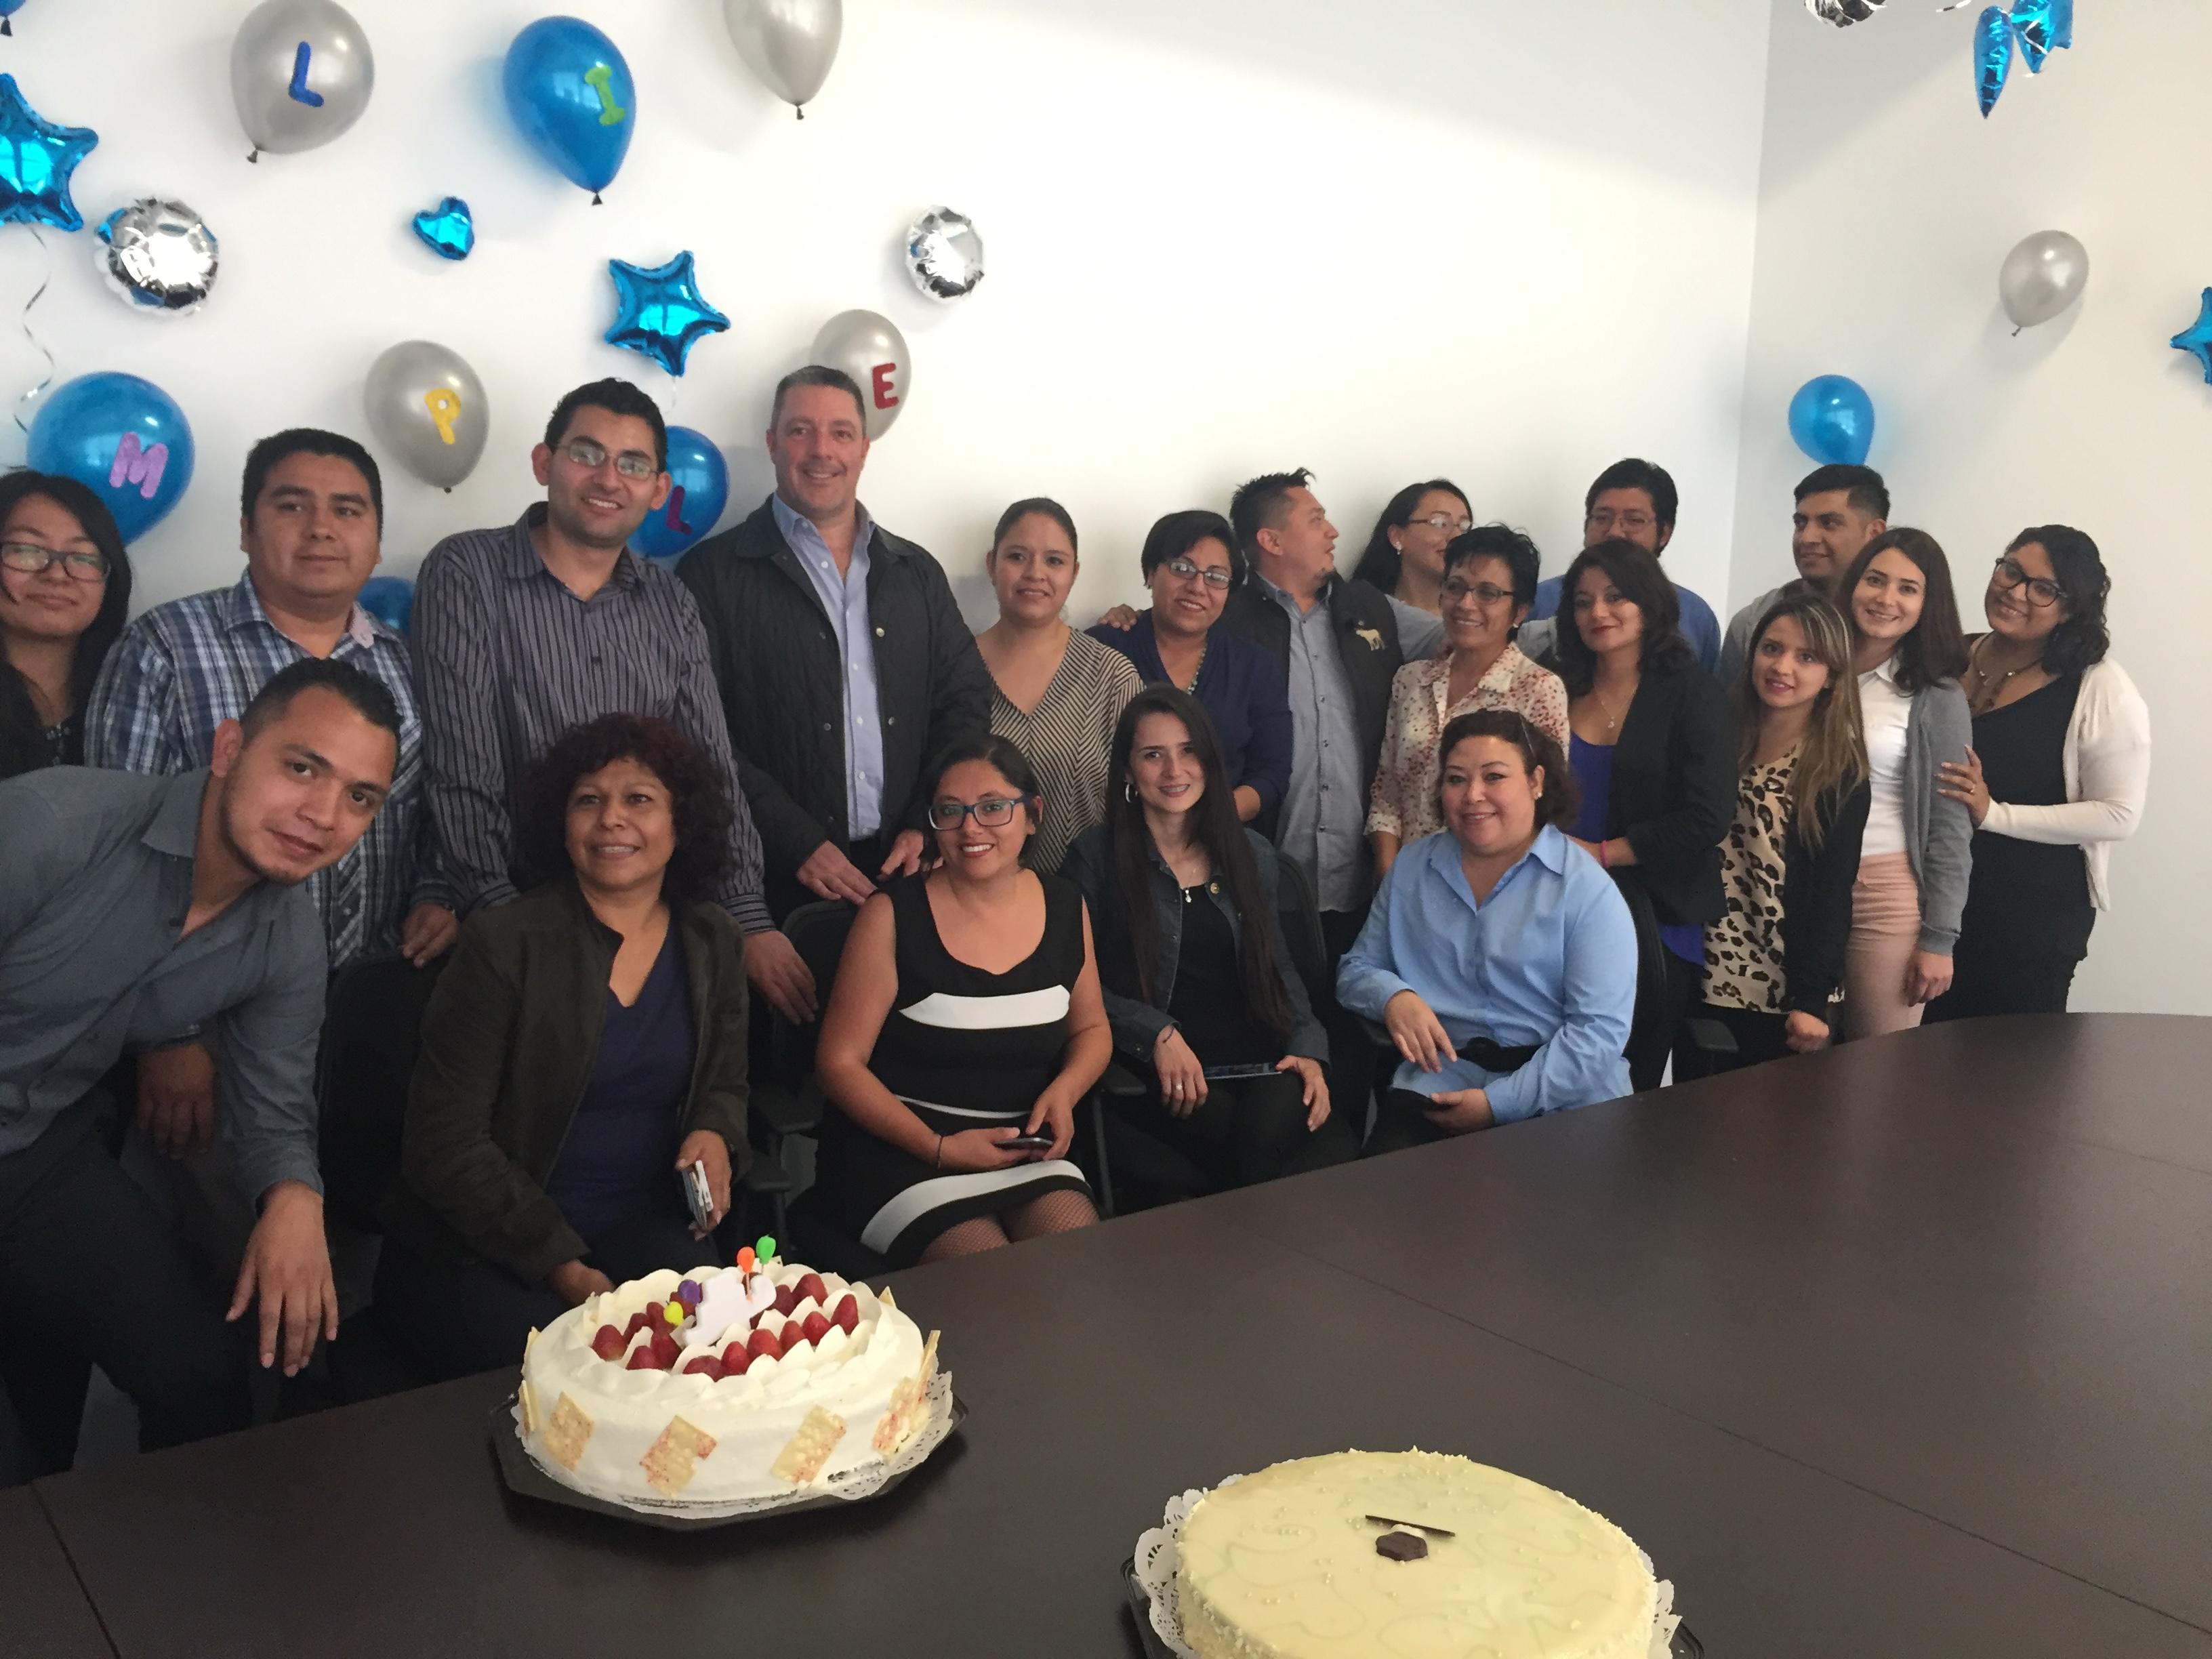 La foto con trabajadores de oficinas